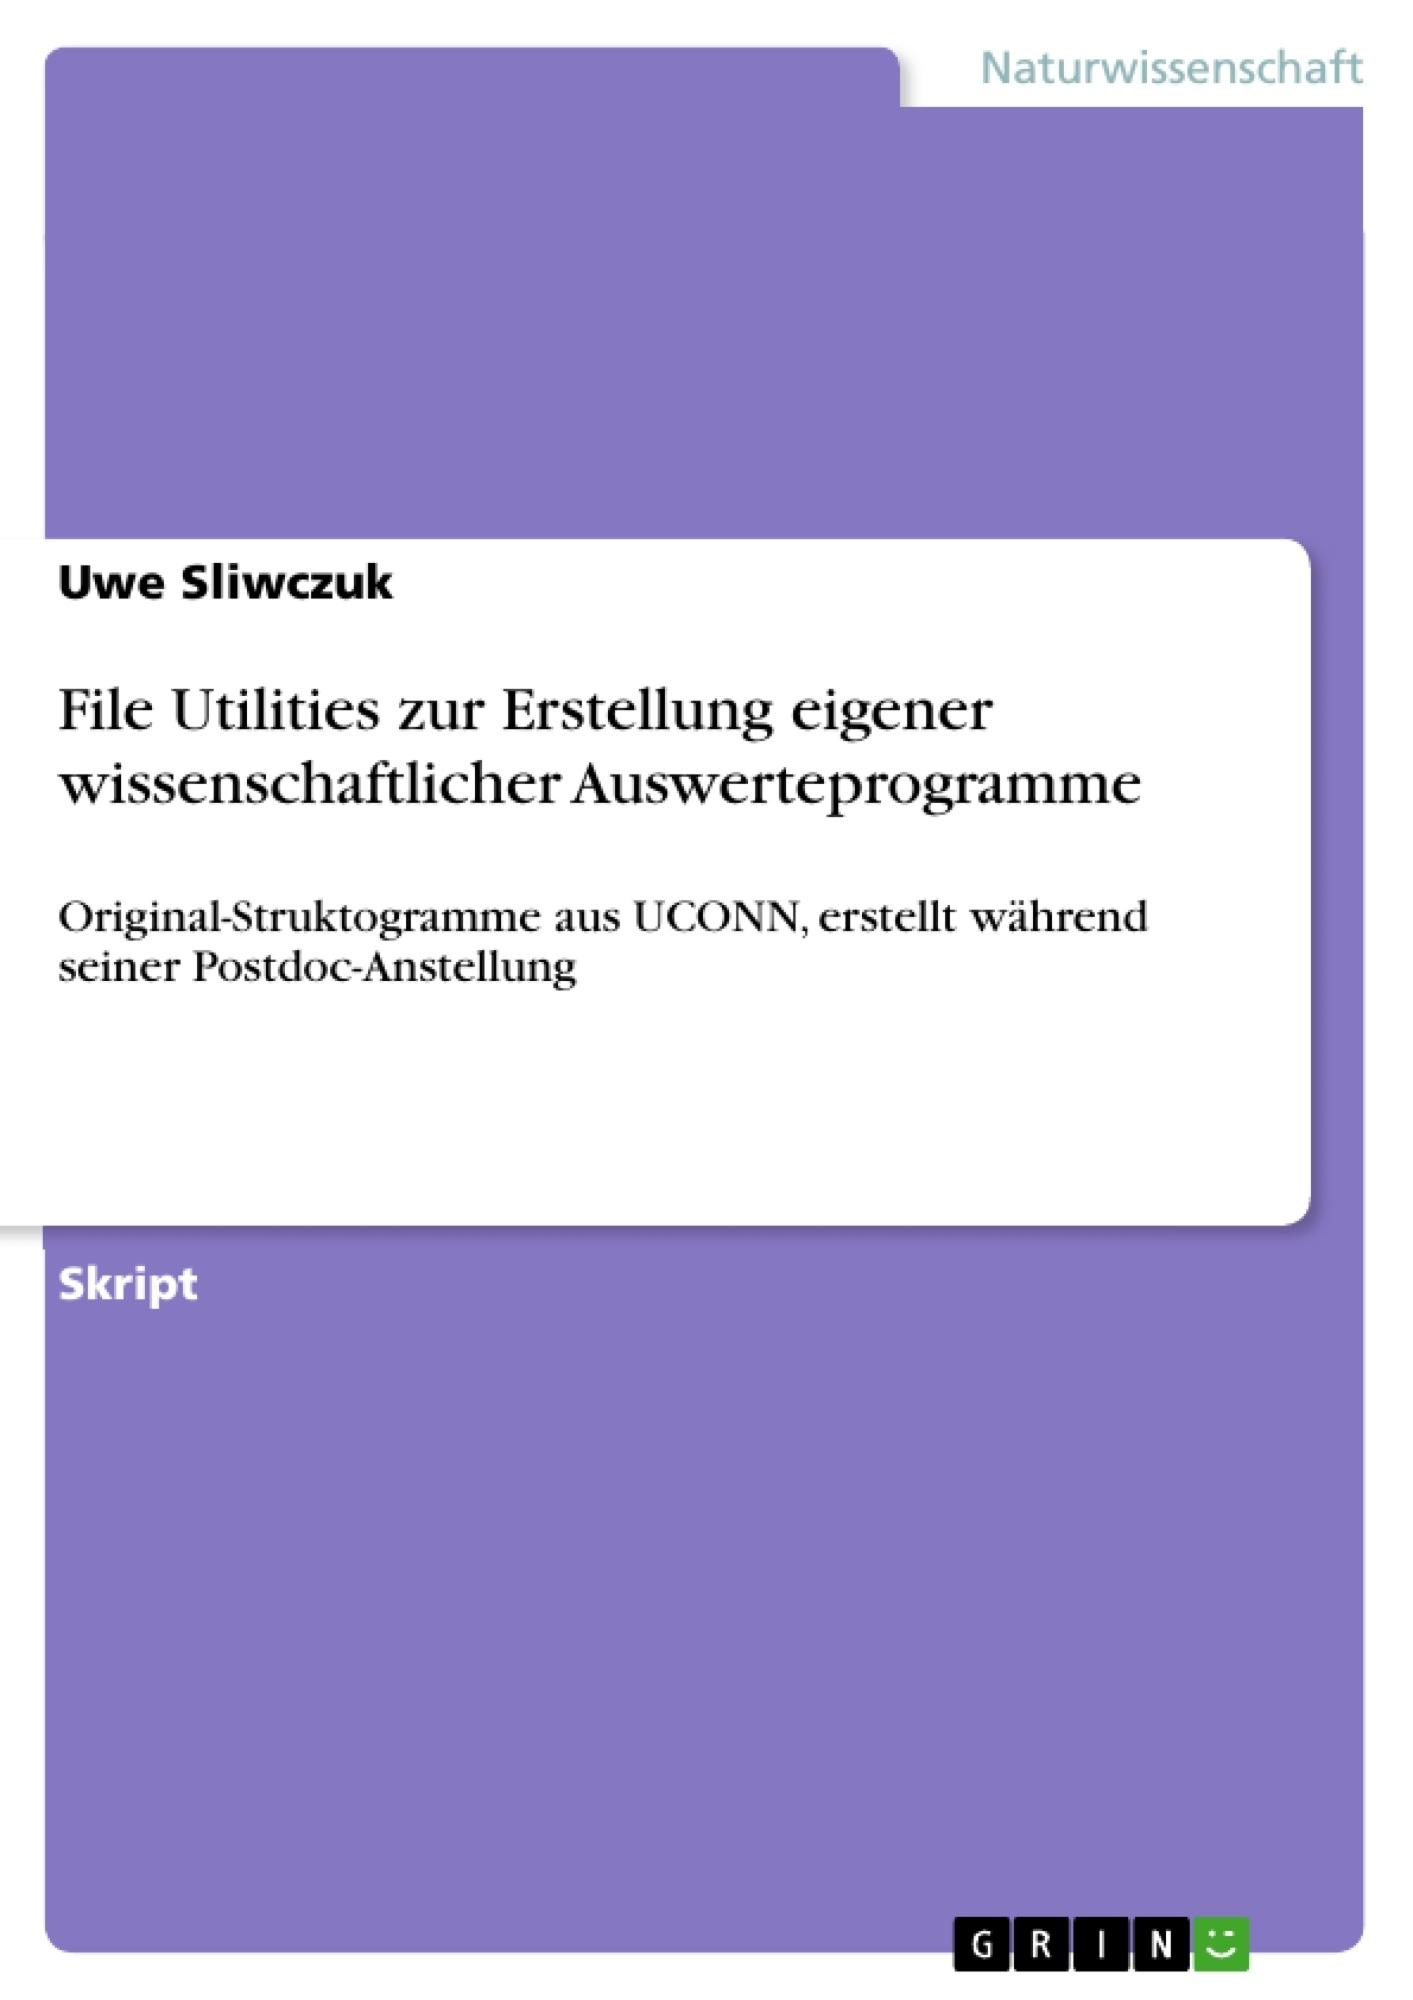 Titel: File Utilities zur Erstellung eigener wissenschaftlicher Auswerteprogramme